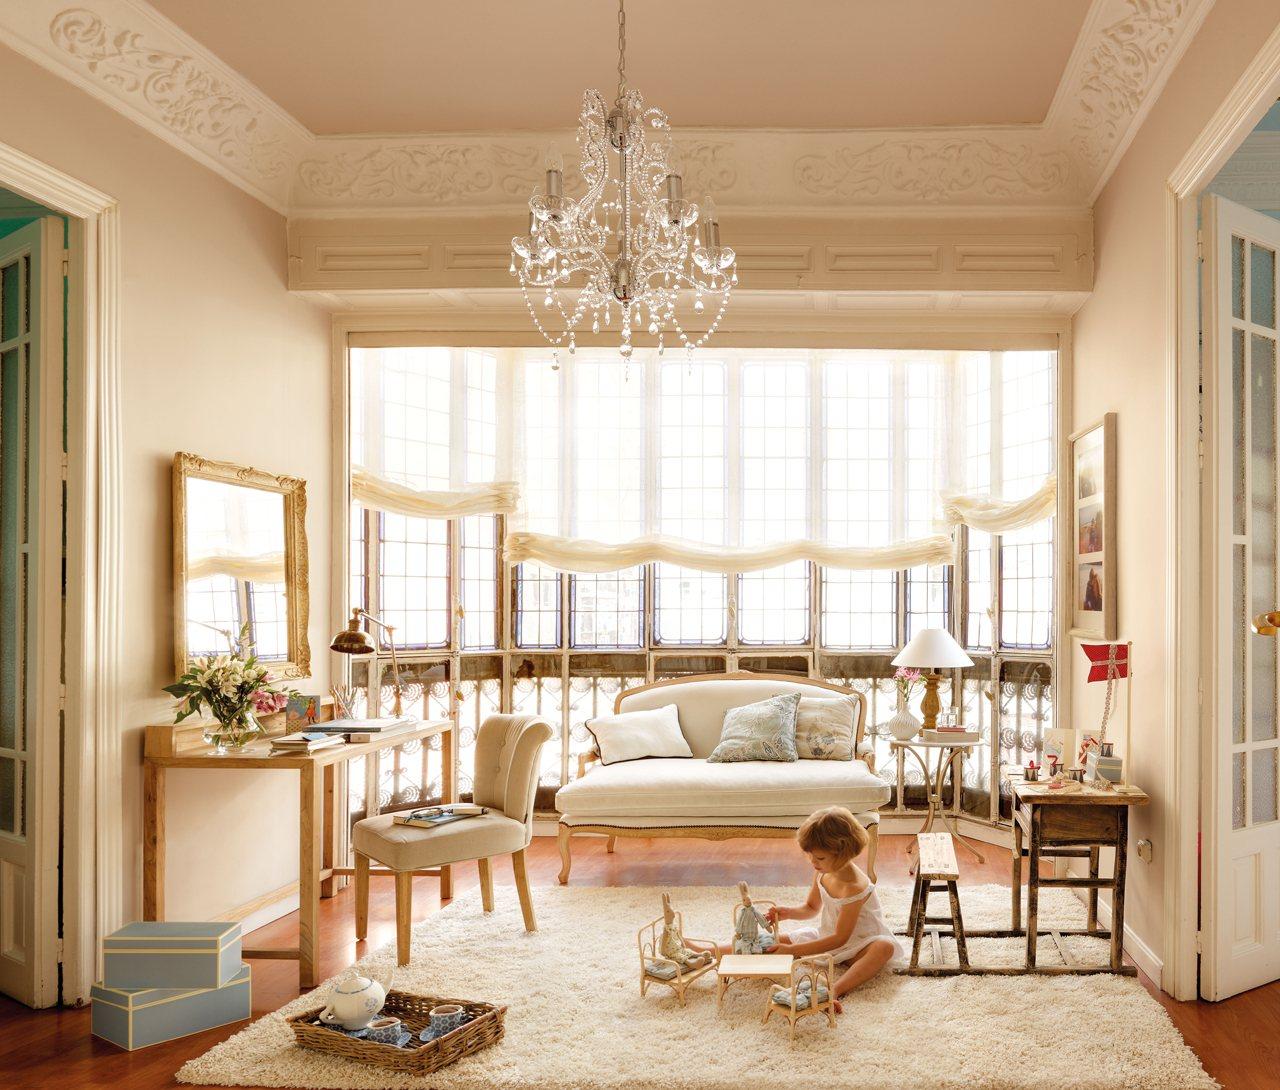 10 cuartos de ni os renovados por el mueble - El mueble habitaciones ...